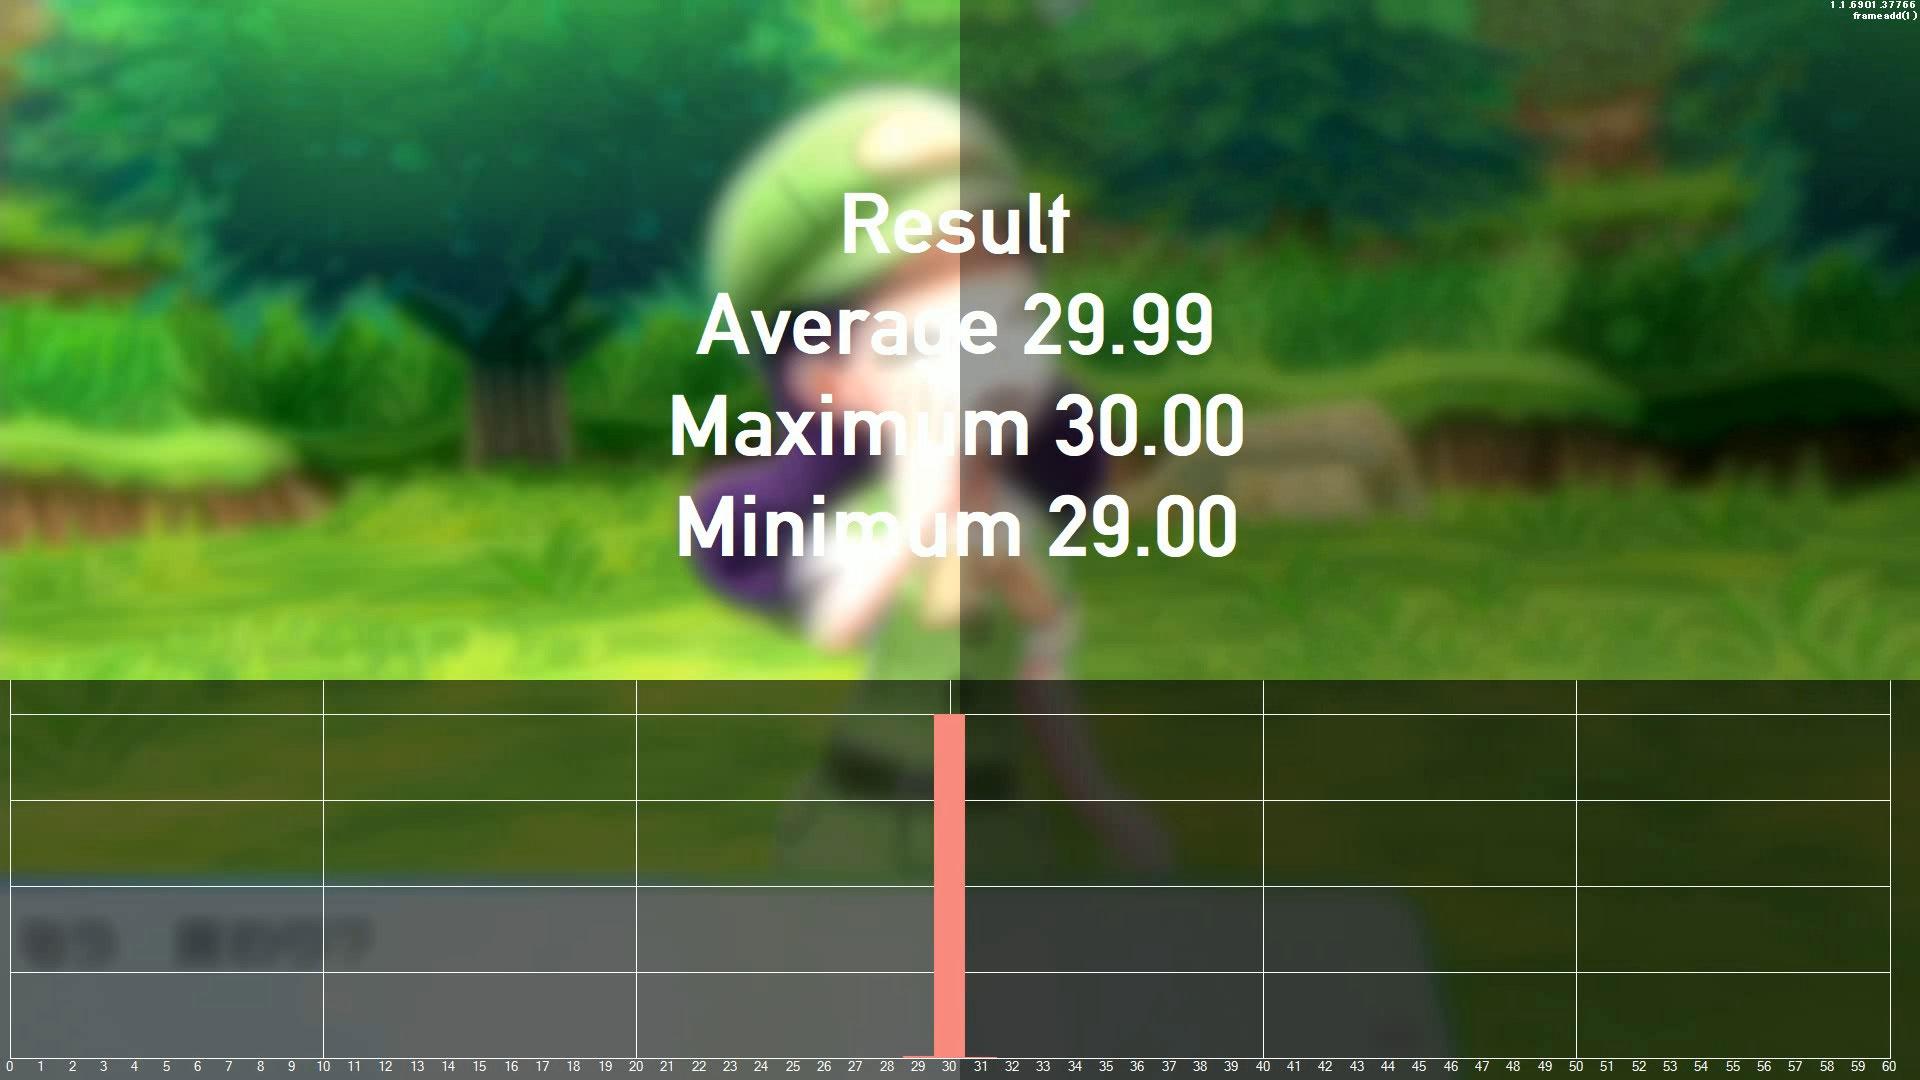 ゲームのフレームレート検証 v1.1.6901.37766